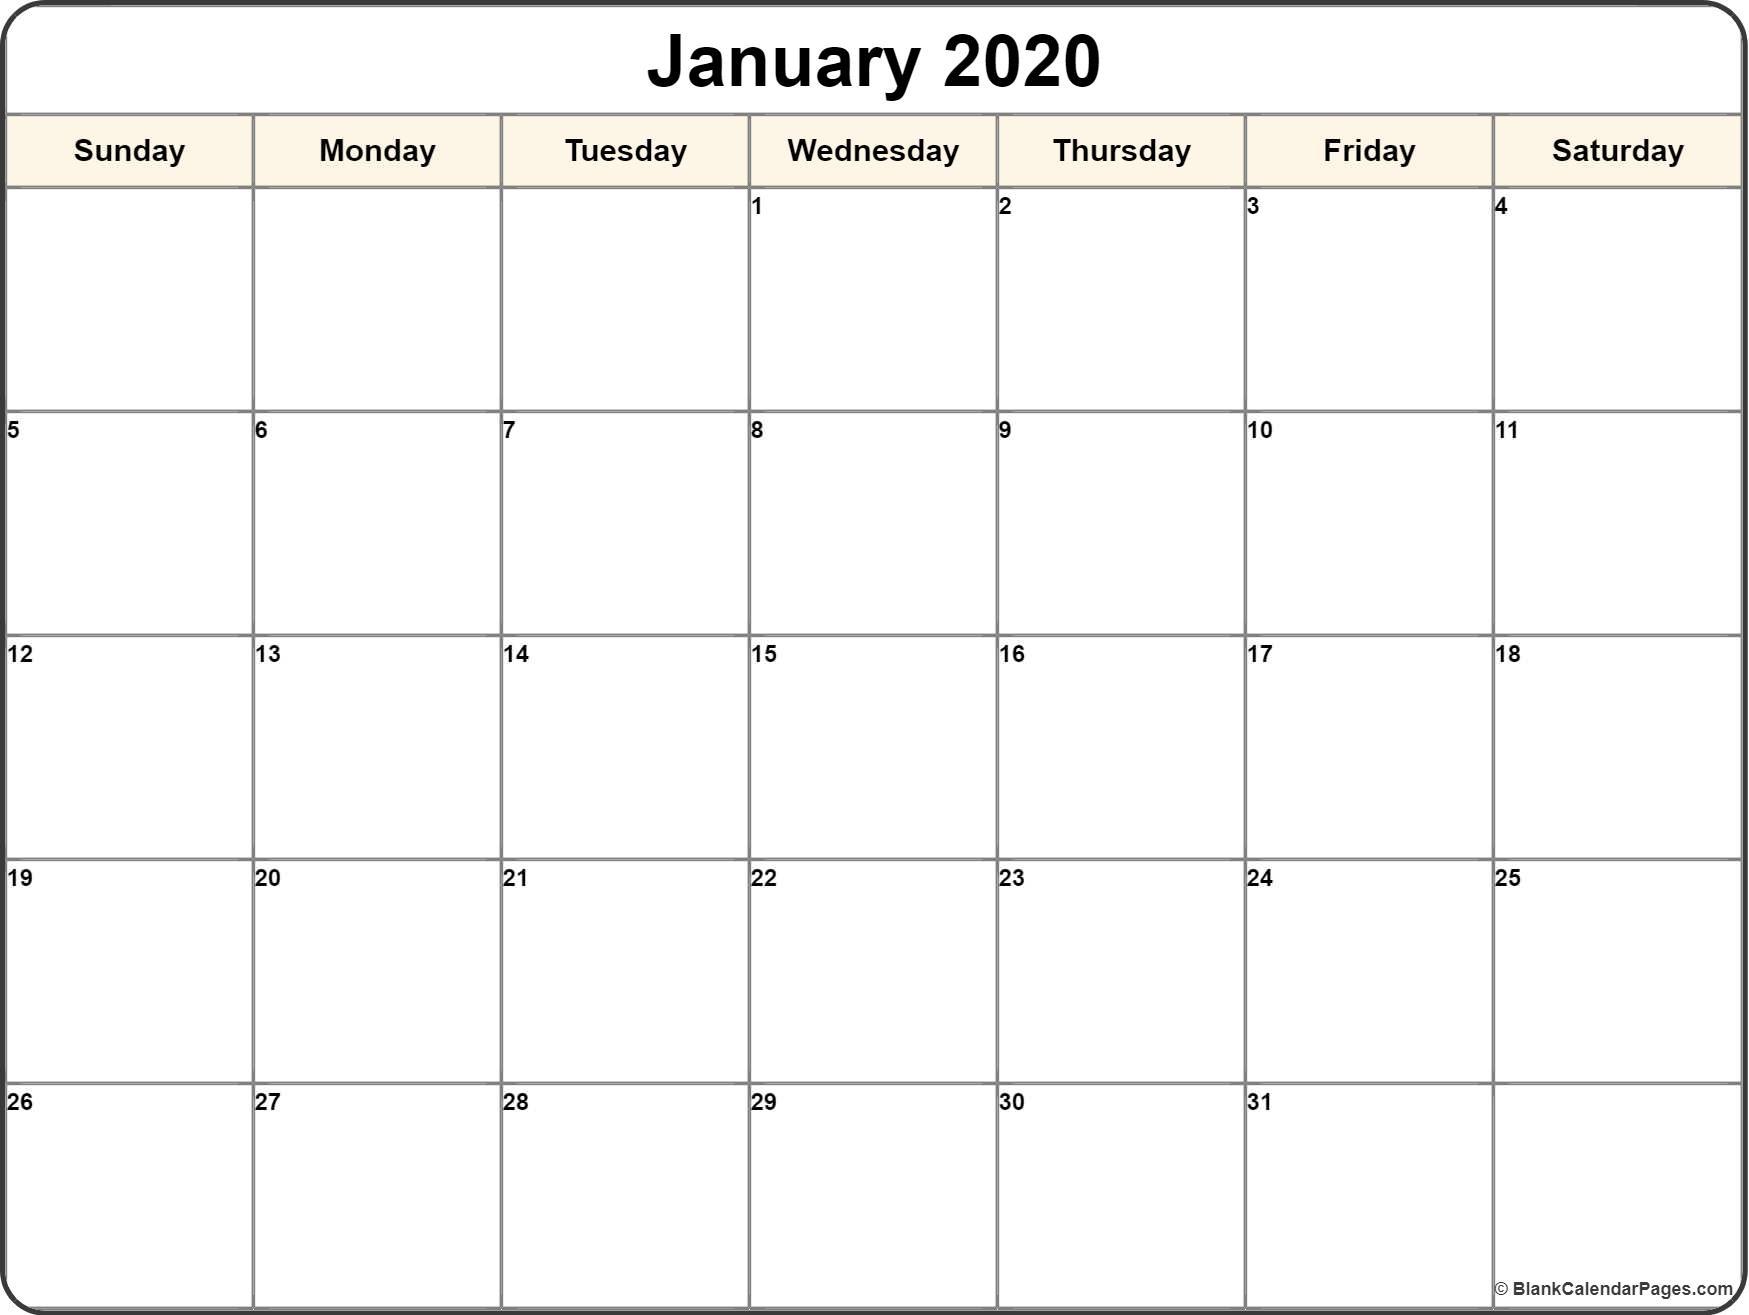 January 2020 Calendar   Free Printable Monthly Calendars inside Imom Calendar 2020